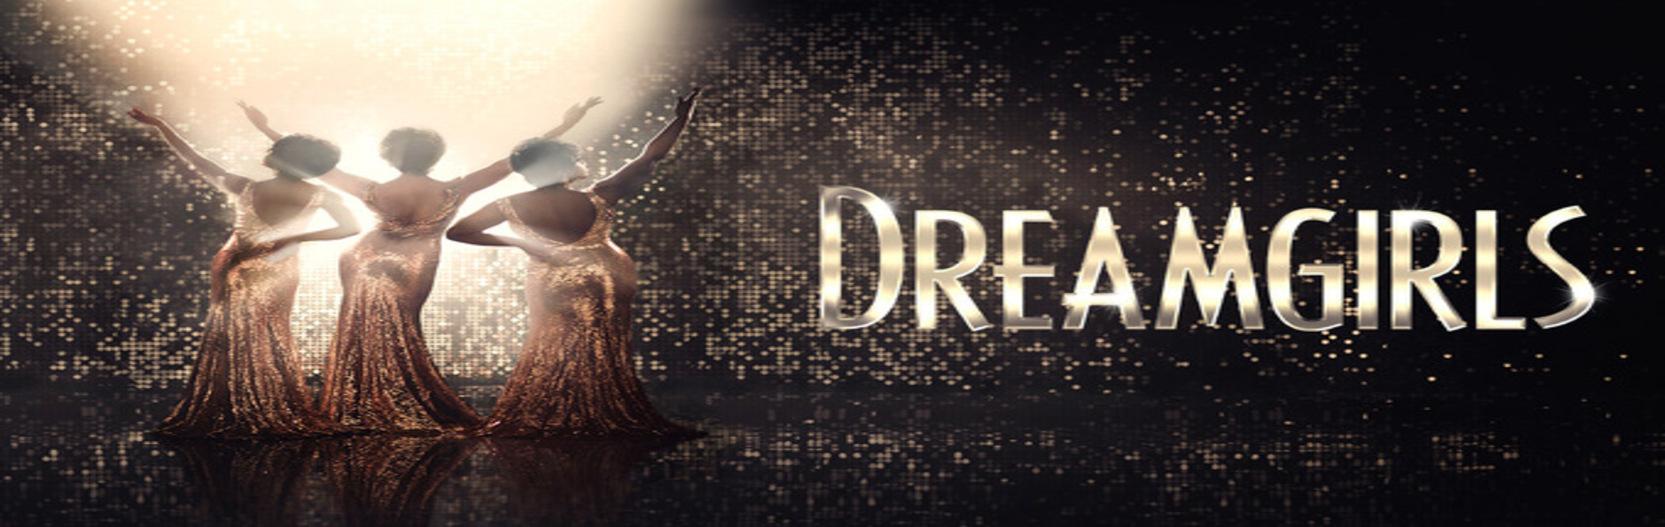 dreamgirls-1